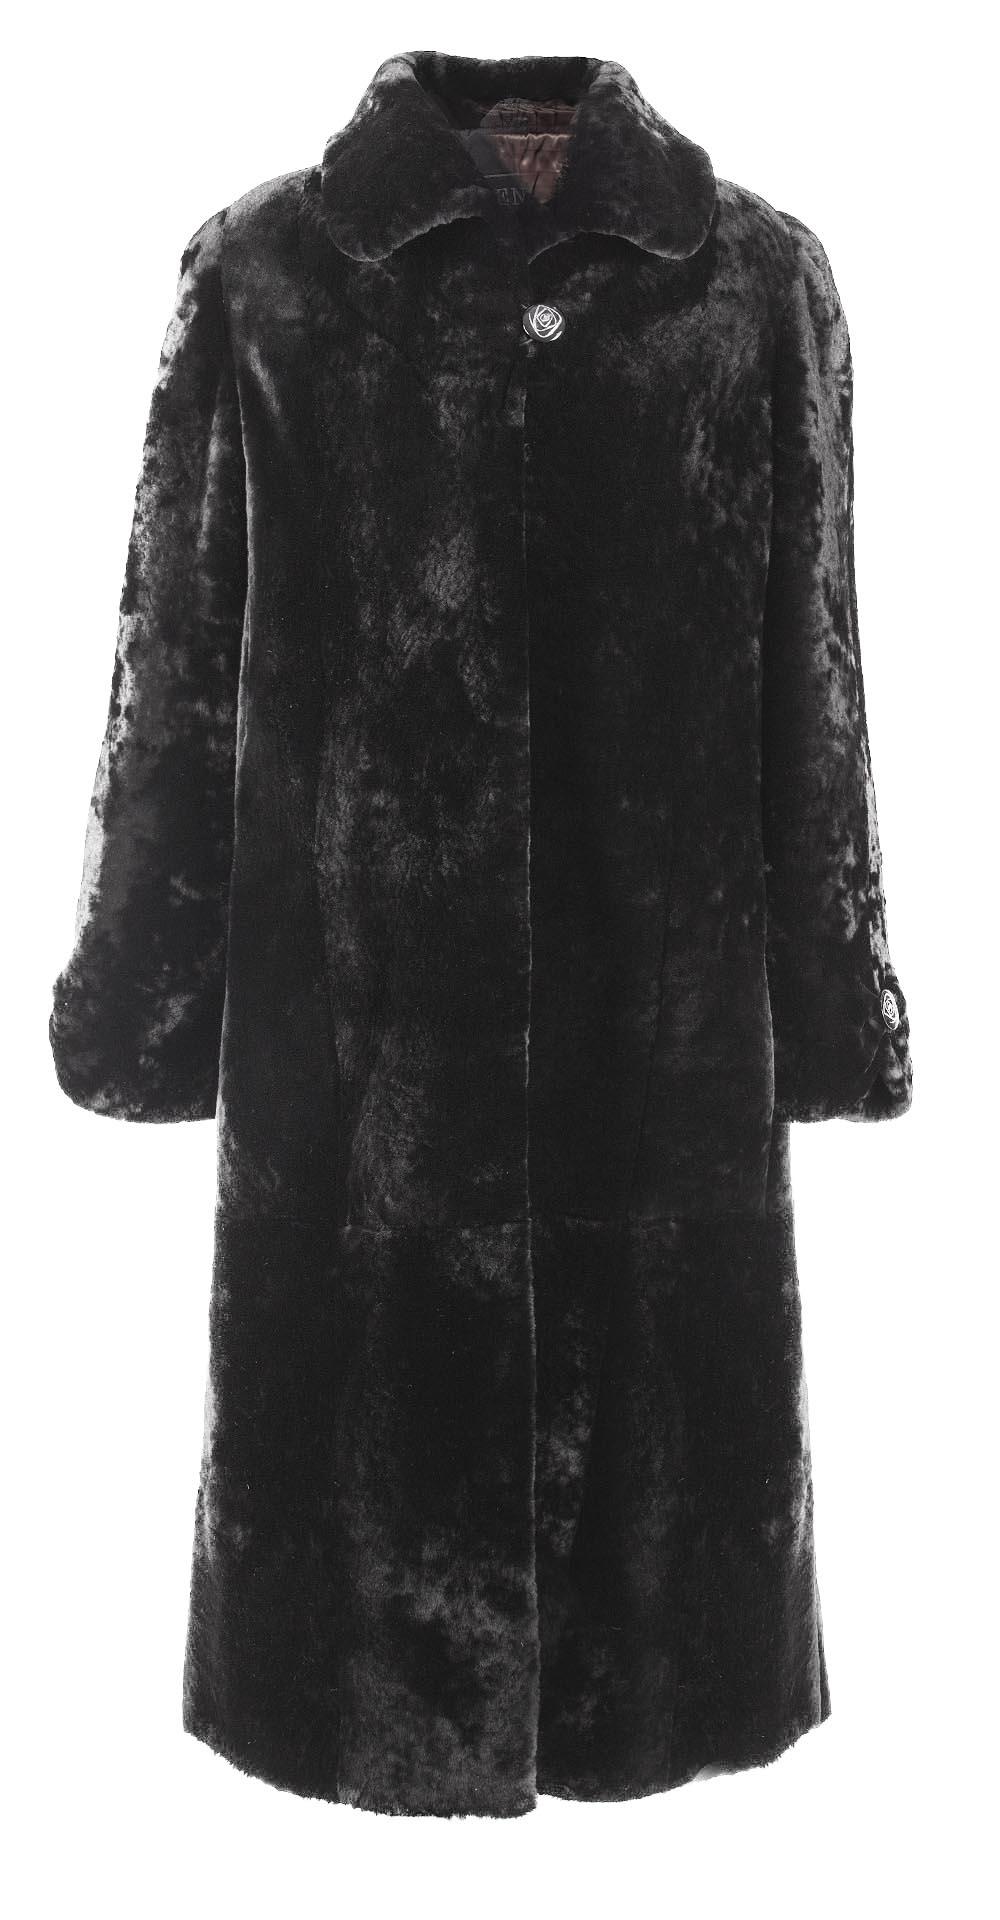 Пальто из мутона, цвет: Агат - купить за 35200 в магазине - Гипермаркет меха